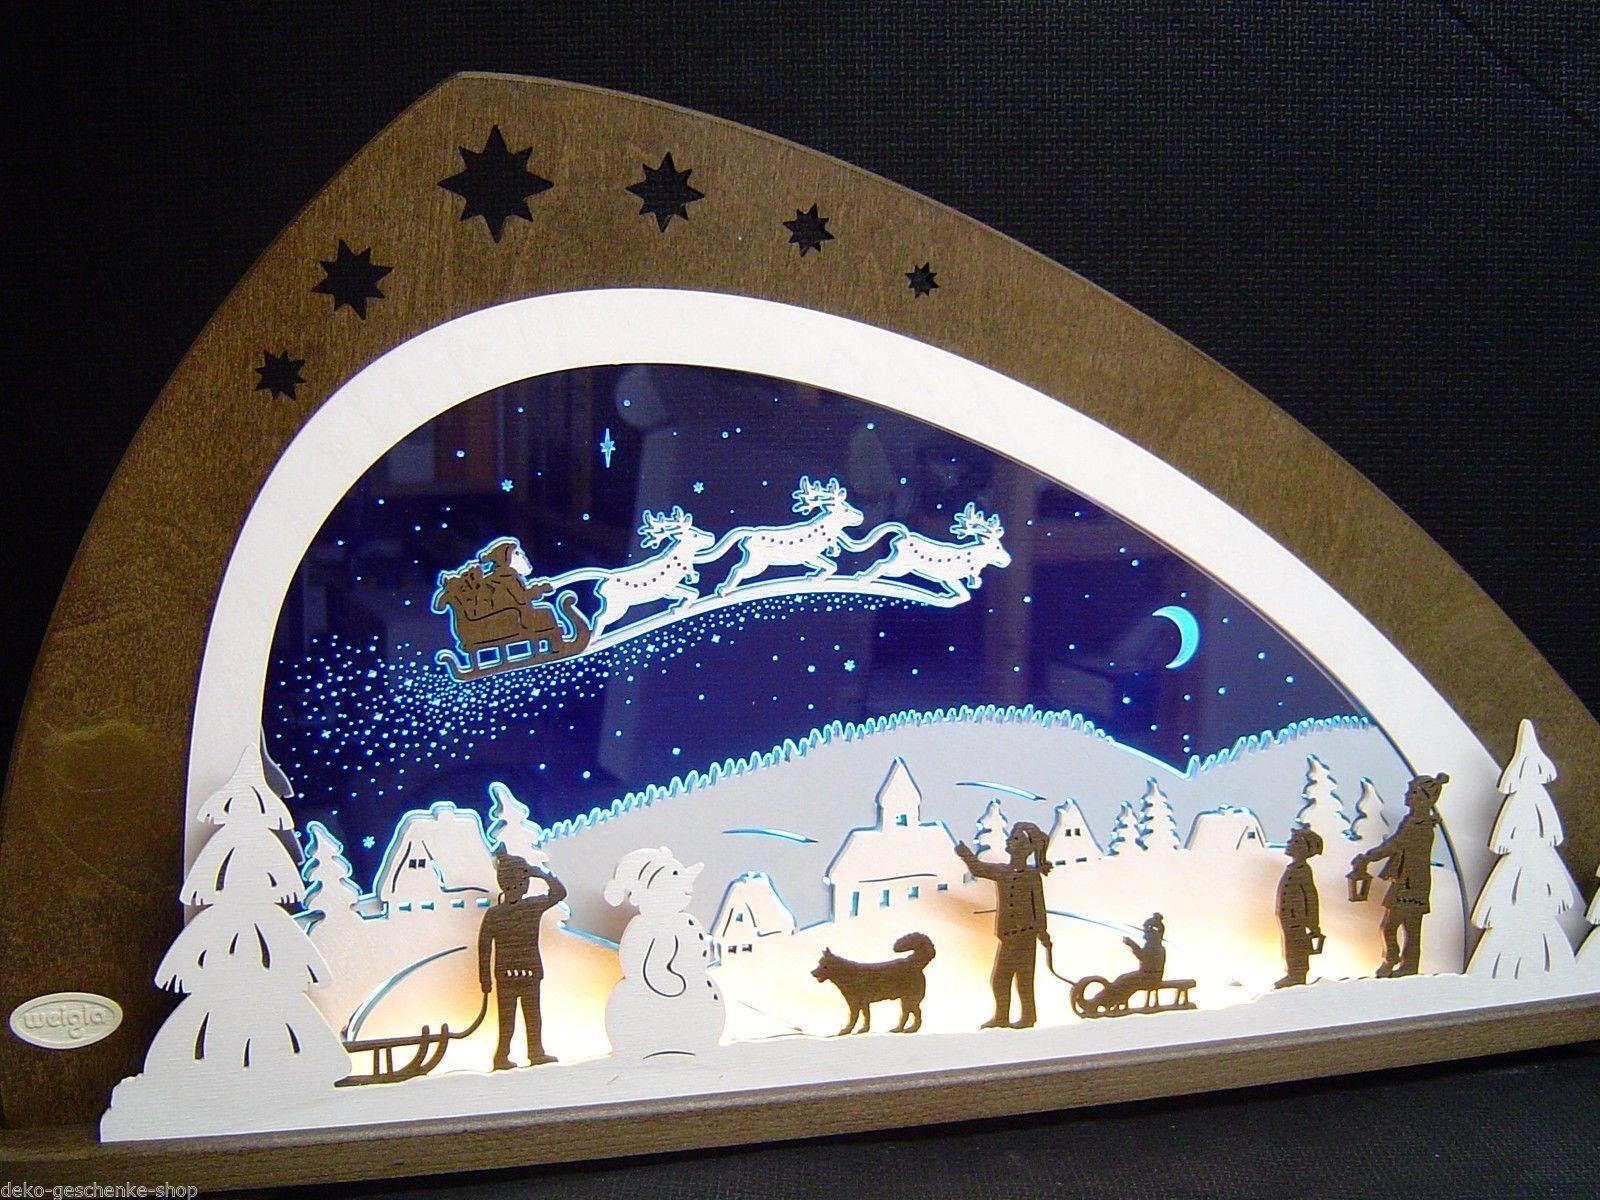 3D LED Lichterbogen Plexiglas Schwibbogen mit Holz Santa Claus 66 x 34 cm 10519